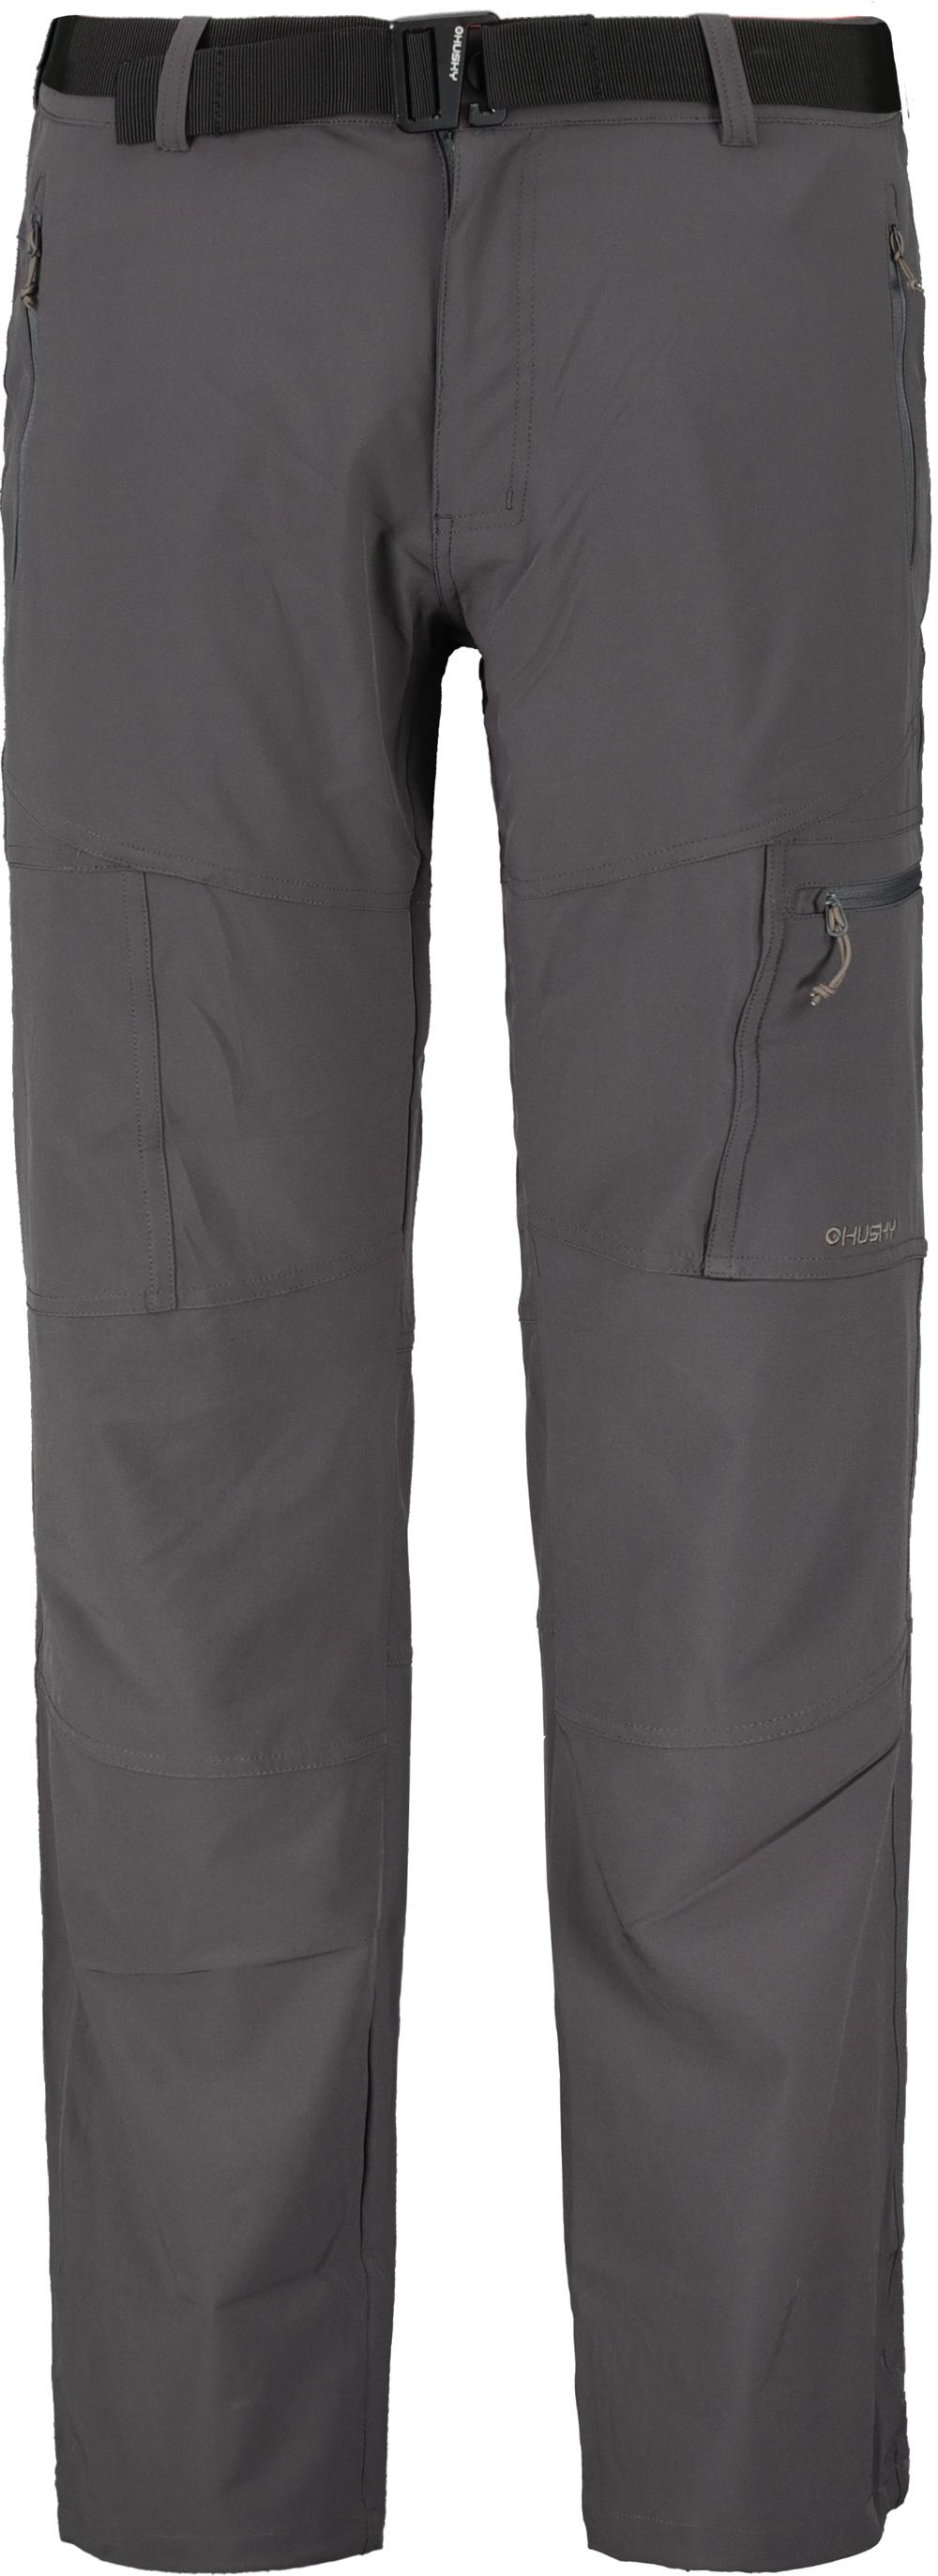 Kalhoty pánské HUSKY KAUBY M